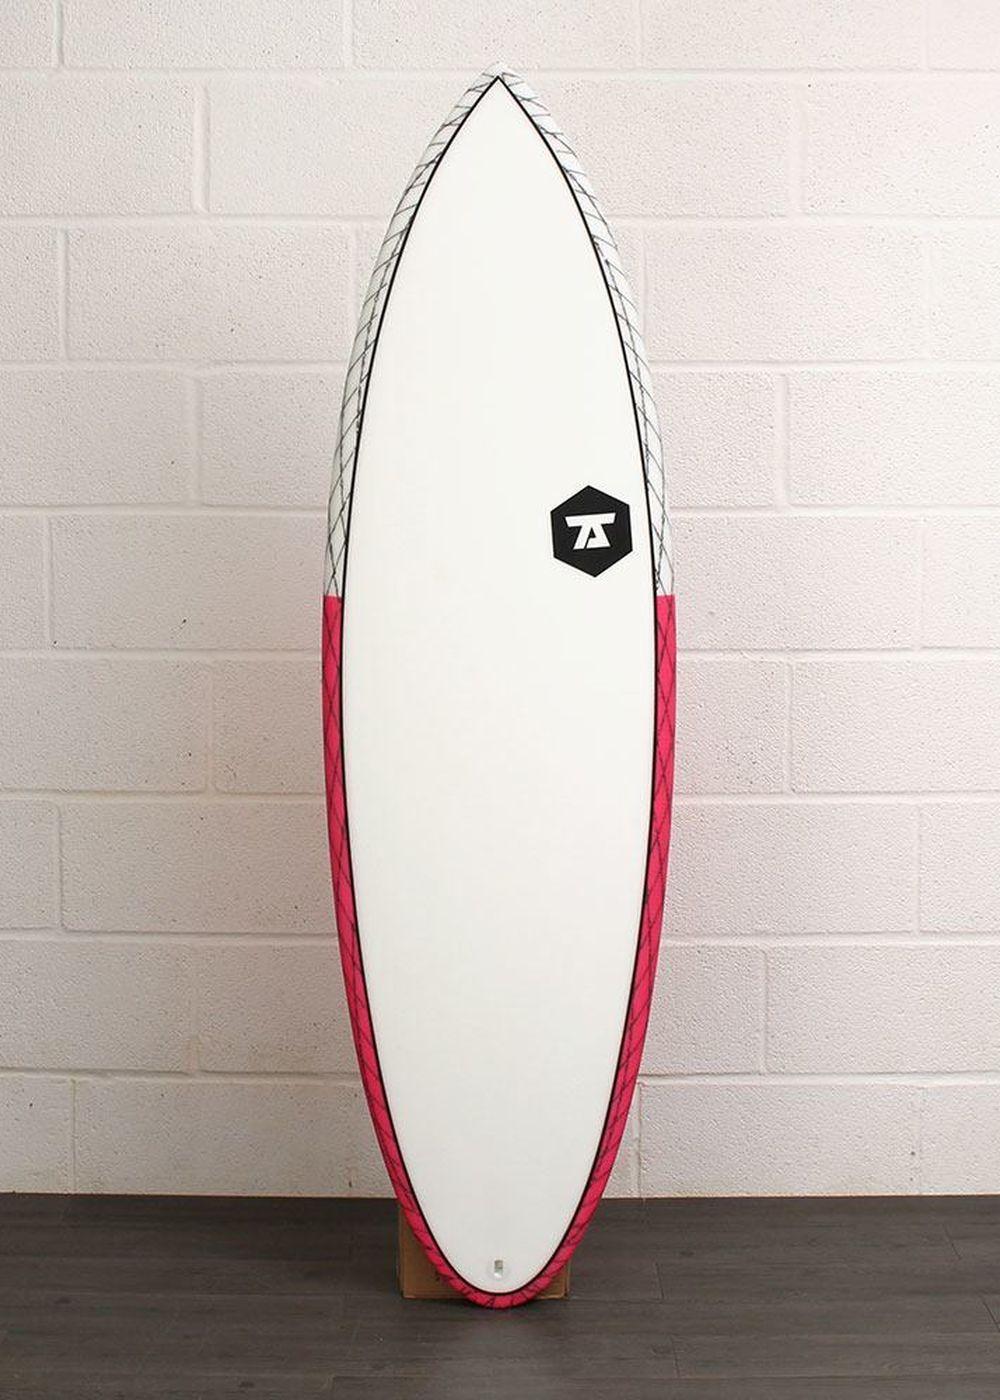 7S SLIPSTREAM CV SURFBOARD 5ft 9 Red